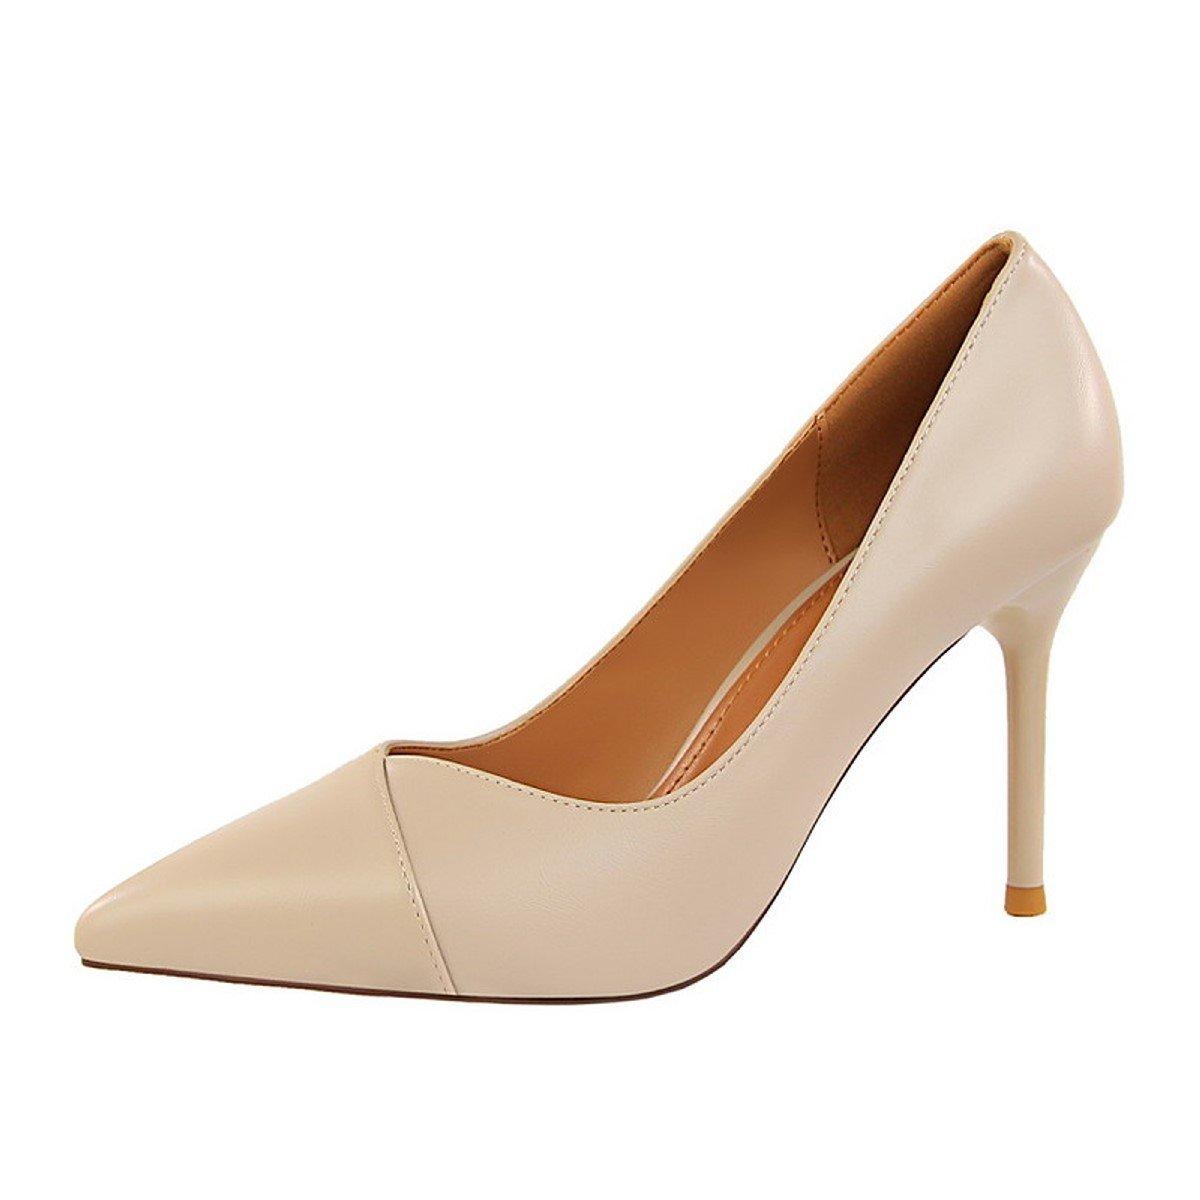 DIMAOL Damenschuhe Kunstleder Frühling Herbst Komfort Heels Stiletto Heel Schuhe für Kleid Mandel Rot Grau Schwarz